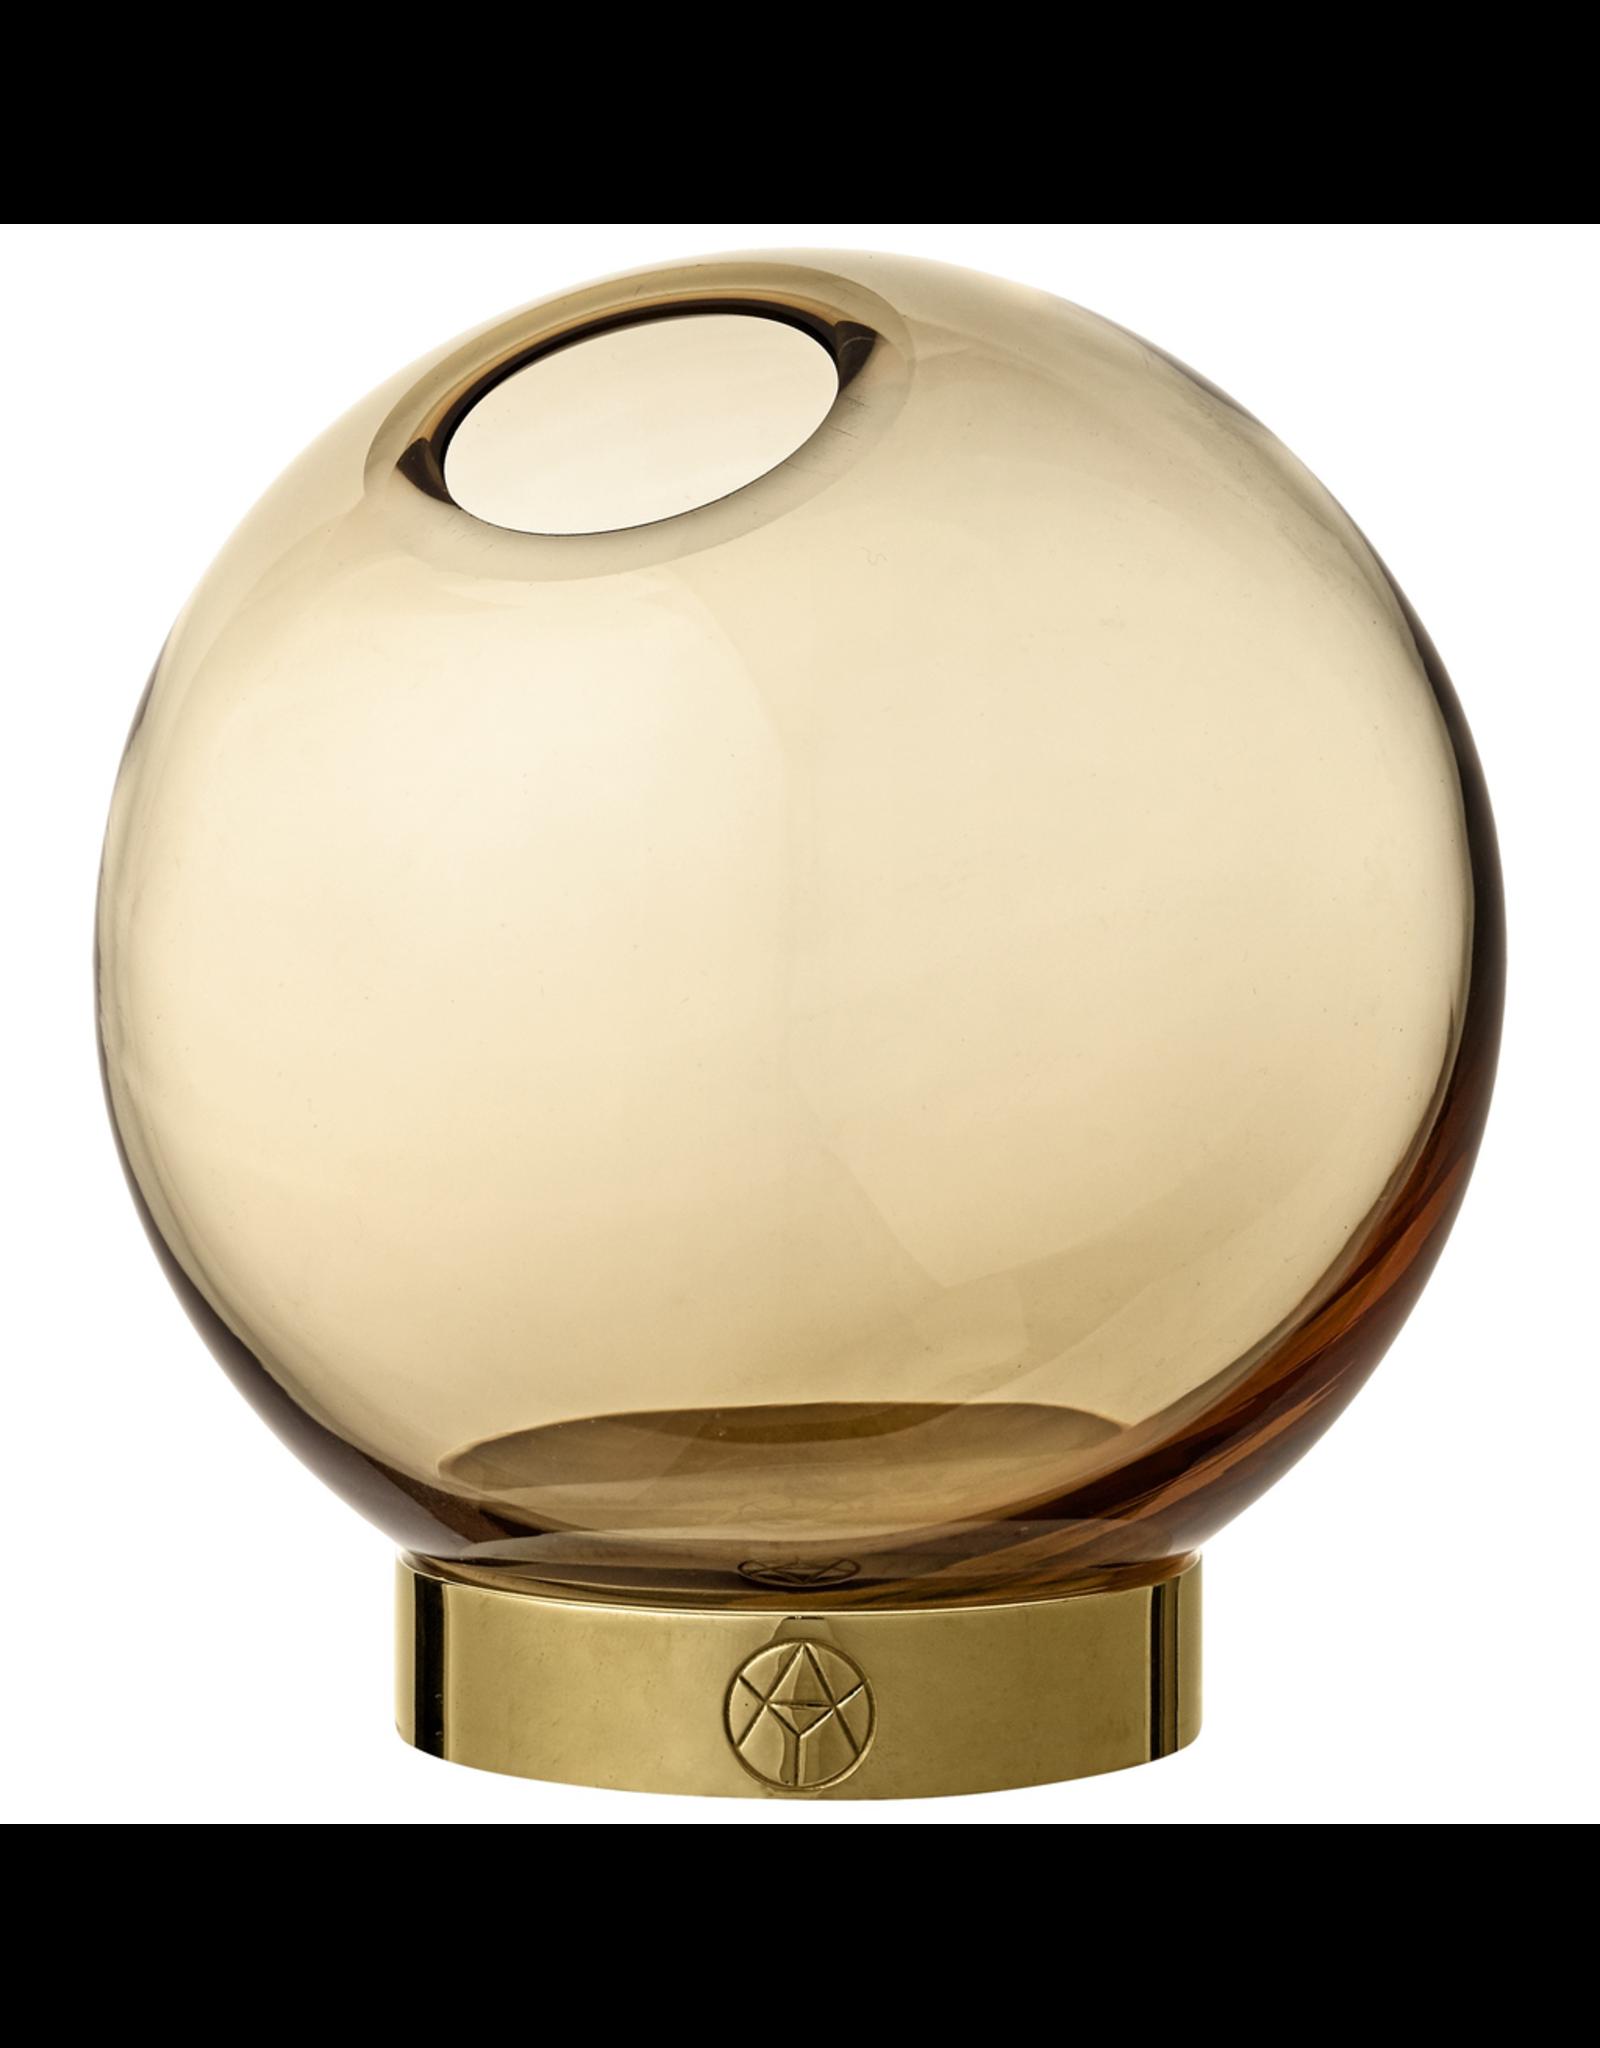 AYTM GLOBE VASE W. STAND SMALL AMBER/GOLD